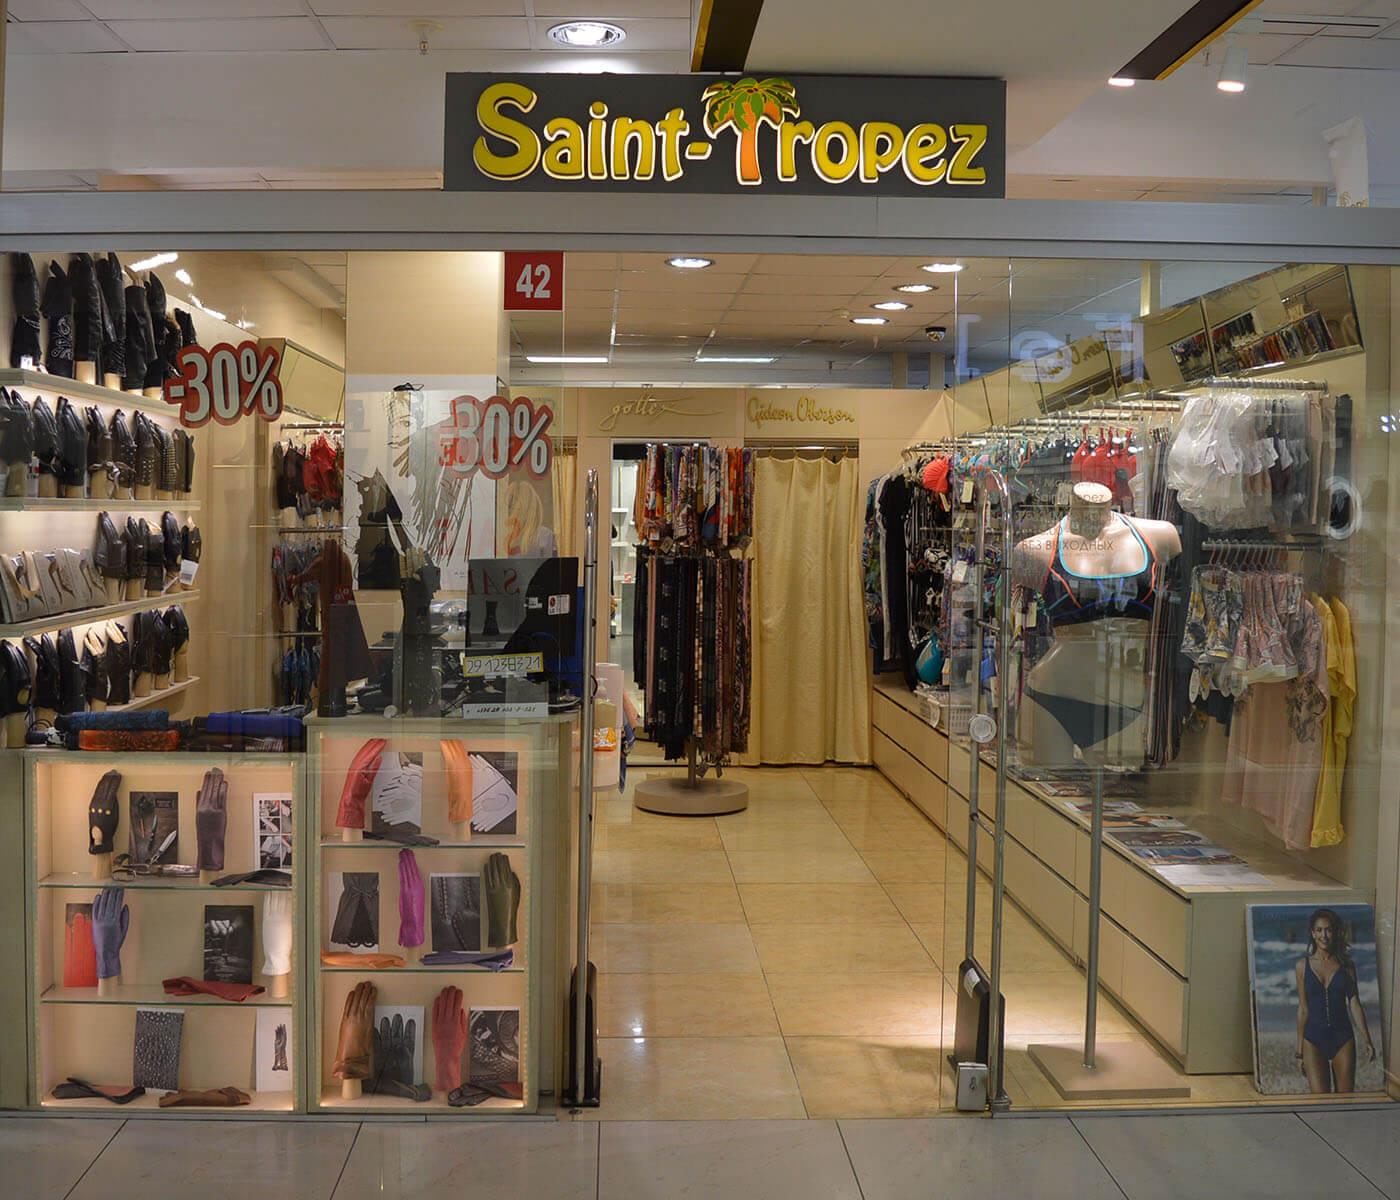 «Saint-Tropes» - купальники, очки, палантины, кожаные перчатки в Торговом Центре «Немига 3»